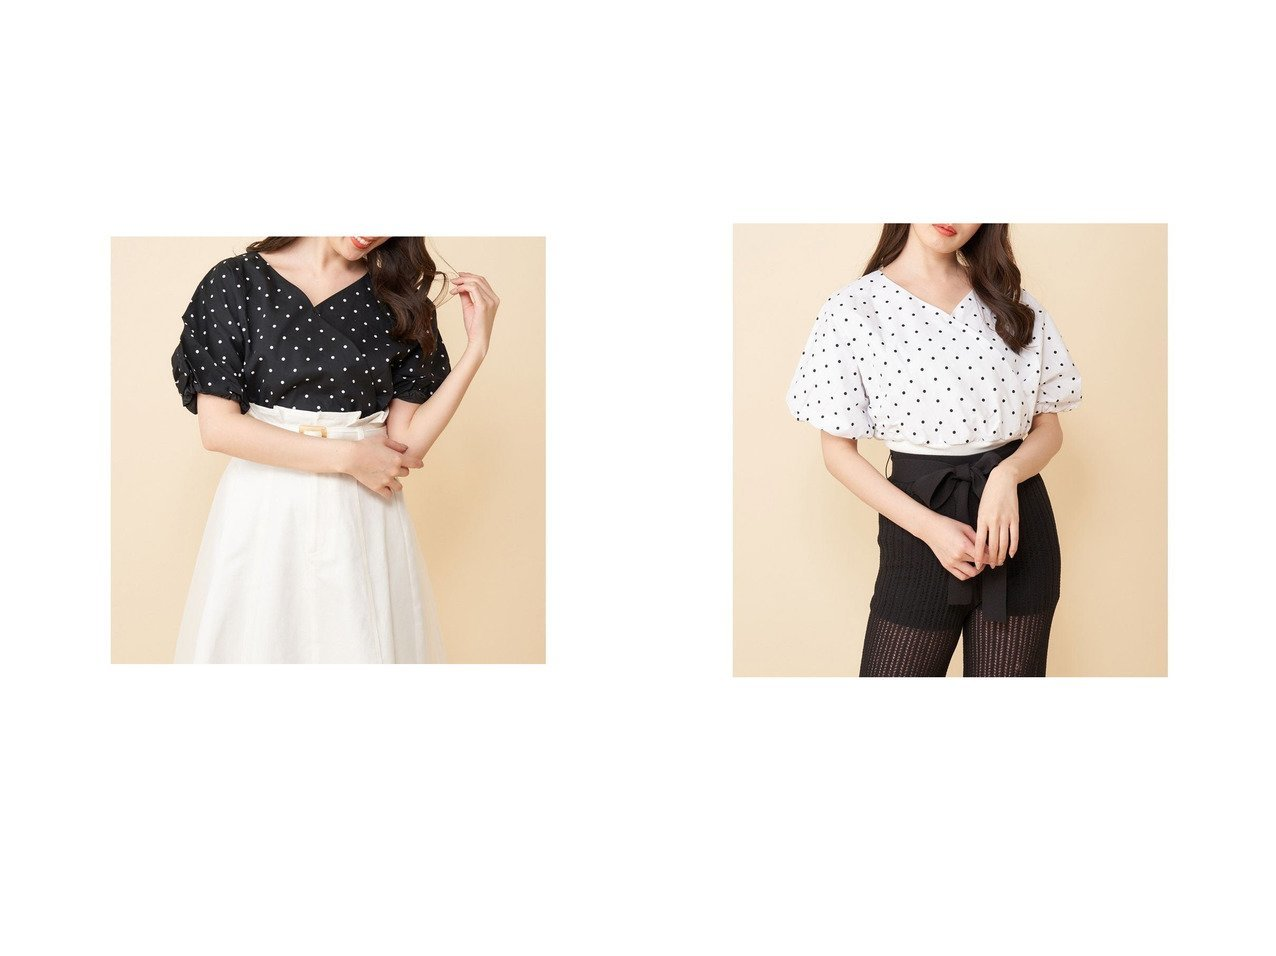 【MiiA/ミーア】のドットカシュクールブラウス おすすめ!人気、トレンド・レディースファッションの通販 おすすめで人気の流行・トレンド、ファッションの通販商品 インテリア・家具・メンズファッション・キッズファッション・レディースファッション・服の通販 founy(ファニー) https://founy.com/ ファッション Fashion レディースファッション WOMEN トップス・カットソー Tops/Tshirt シャツ/ブラウス Shirts/Blouses 2021年 2021 2021春夏・S/S SS/Spring/Summer/2021 S/S・春夏 SS・Spring/Summer クラシカル シンプル スリーブ ドット ボトム 春 Spring |ID:crp329100000042374